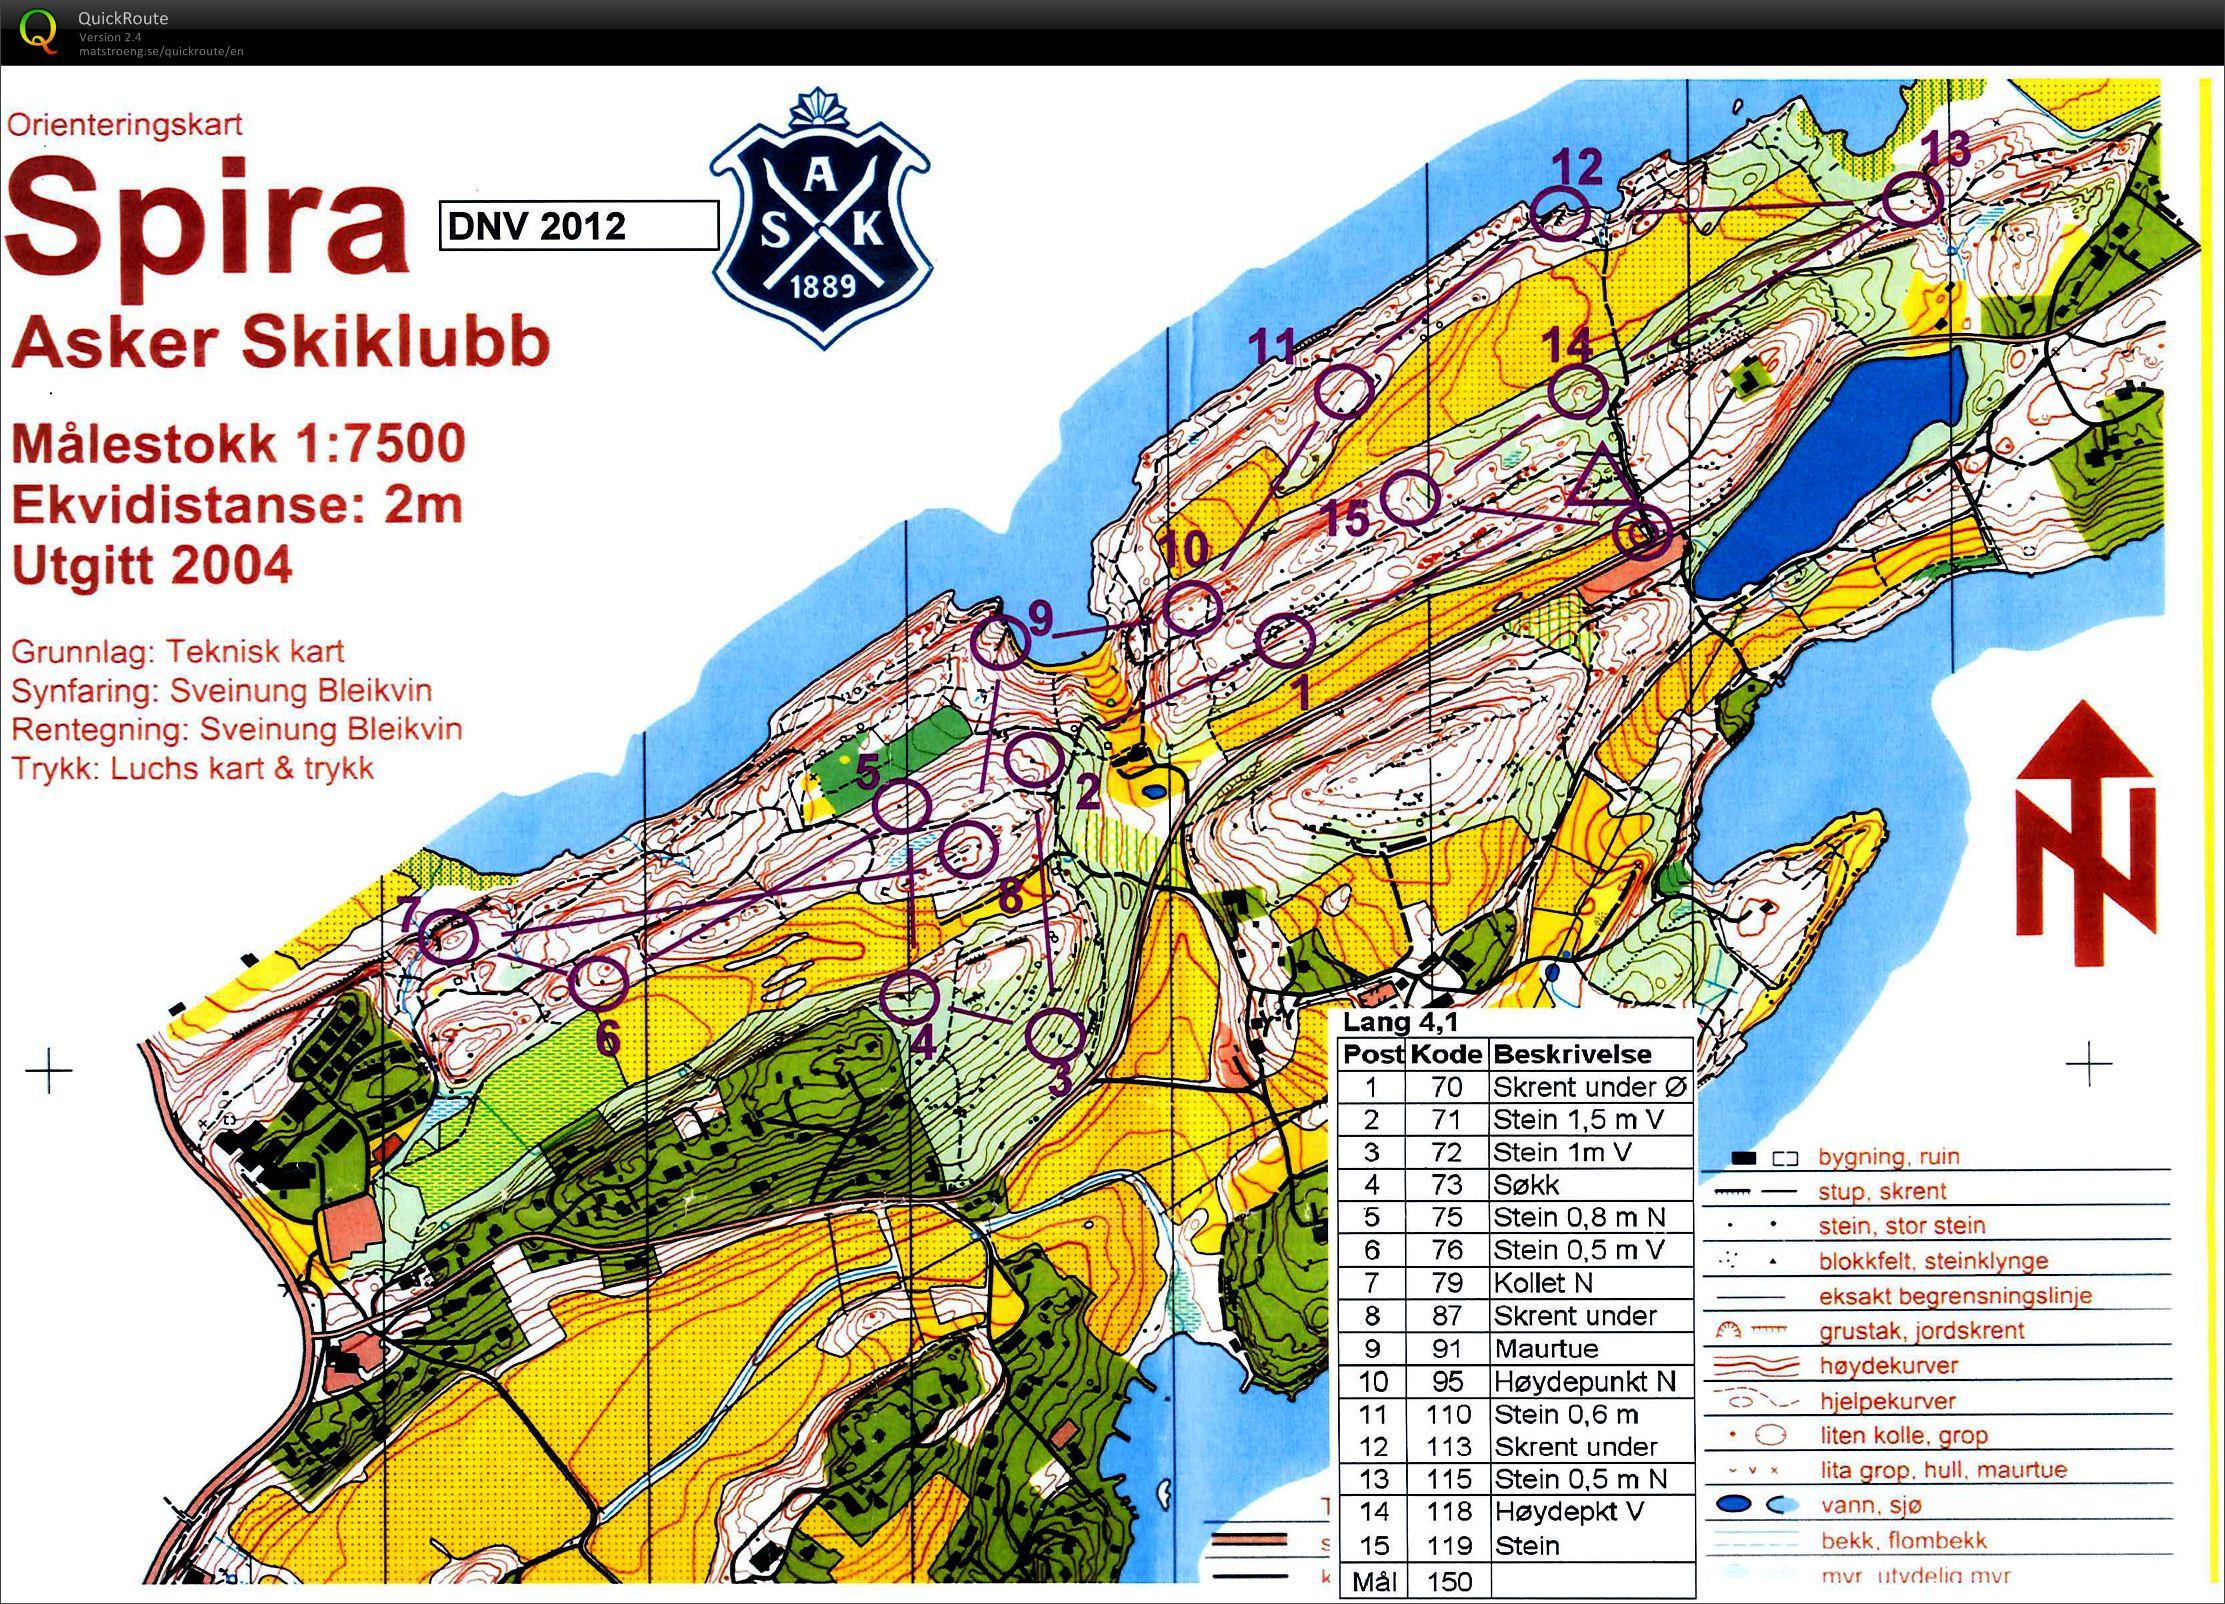 konglungen kart Nattløp Konglungen   November 21st 2012   Orienteering Map from  konglungen kart